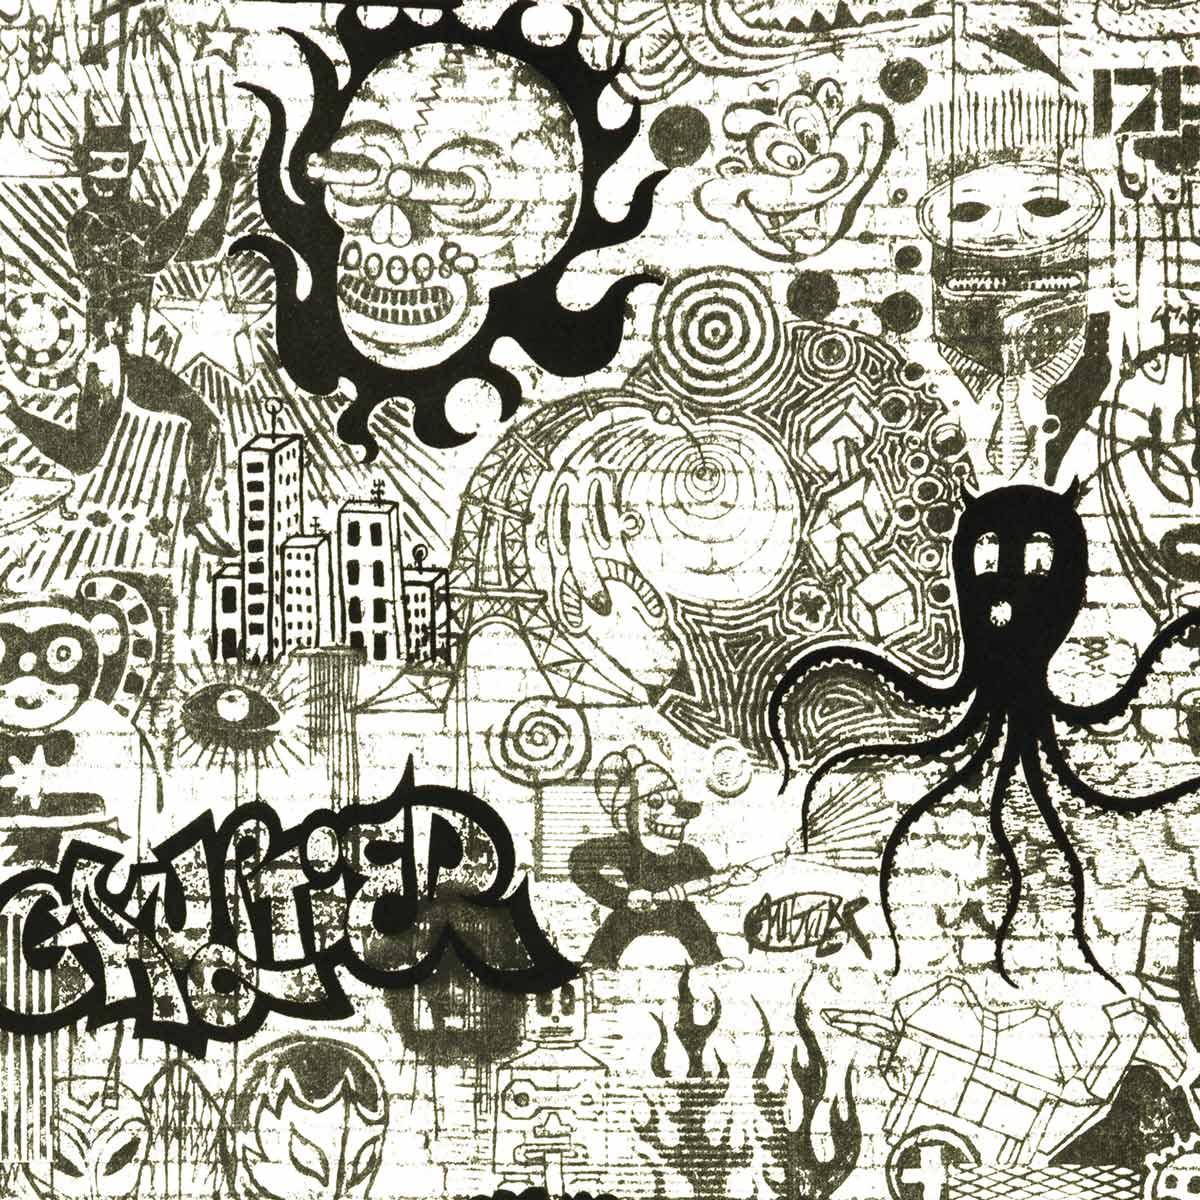 Papier Peint Createur ~ Frdesignhub.co